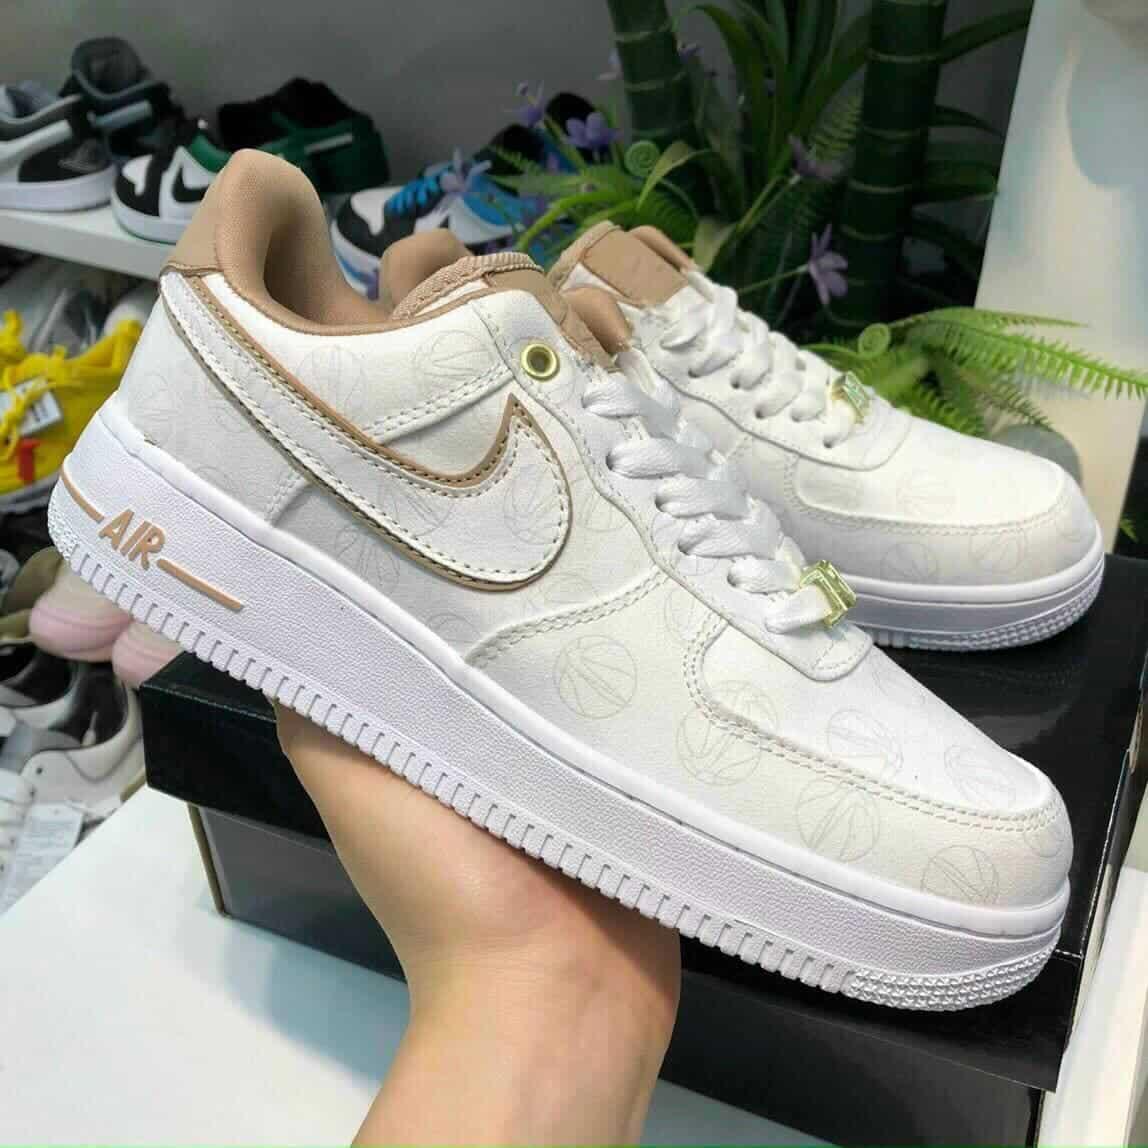 Giày Nike Real có giá thành khá đắt